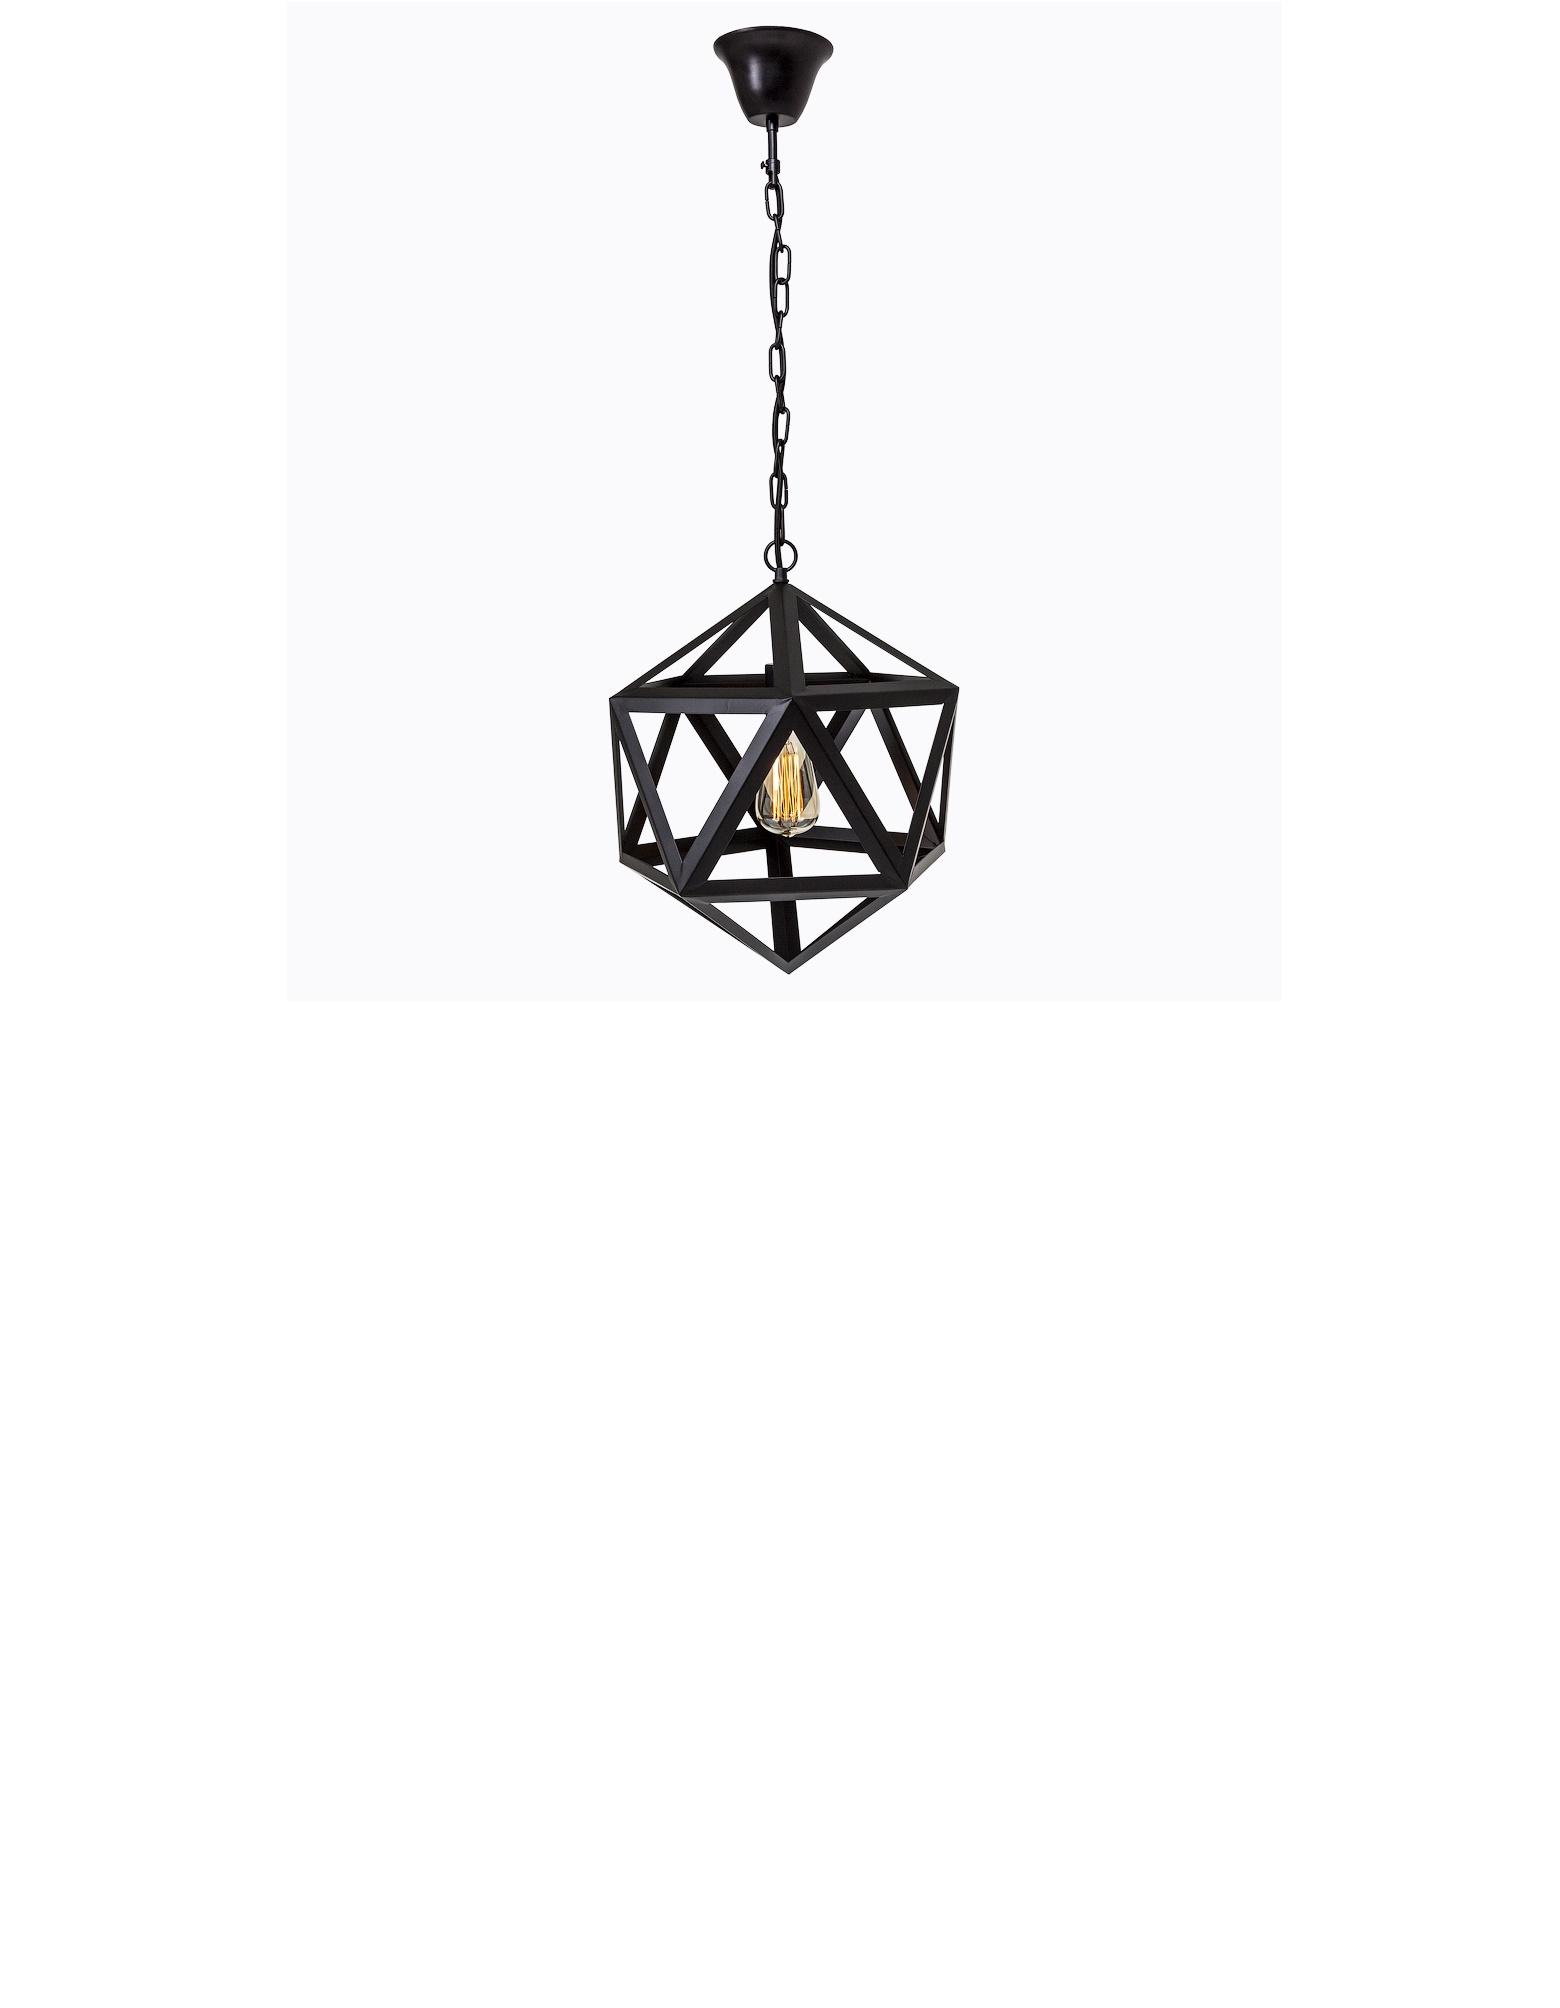 Потолочный светильник АрхимедПодвесные светильники<br>Потолочный светильник «Архимед» идеален для индустриальной атмосферы. Светильник придаст современному декору креативный имидж и подойдет как для гостиной, так и для офиса.&amp;amp;nbsp; Он поражает своей функциональностью&amp;amp;nbsp; и инновационным подходом к интерьерному дизайну. Дополненный цепью, этот металлический светильник преобразит пространство Вашего дома четкими графическими формами.&amp;amp;nbsp;&amp;lt;div&amp;gt;Размер: ? 40 см.&amp;amp;nbsp;&amp;lt;/div&amp;gt;&amp;lt;div&amp;gt;Длина подвесной цепи: 52 см.&amp;amp;nbsp;&amp;lt;/div&amp;gt;&amp;lt;div&amp;gt;Размер в упаковке: 41?41?46 см.&amp;amp;nbsp;&amp;lt;/div&amp;gt;&amp;lt;div&amp;gt;Вес: 1,7 кг; вес в упаковке: 2,72 кг.&amp;amp;nbsp;&amp;lt;/div&amp;gt;&amp;lt;div&amp;gt;Поставляется без ламп.&amp;amp;nbsp;&amp;lt;/div&amp;gt;&amp;lt;div&amp;gt;Требуется 1 лампа&amp;amp;nbsp; E27&amp;lt;/div&amp;gt;<br><br>Material: Металл<br>Length см: 40<br>Width см: 40<br>Height см: 52